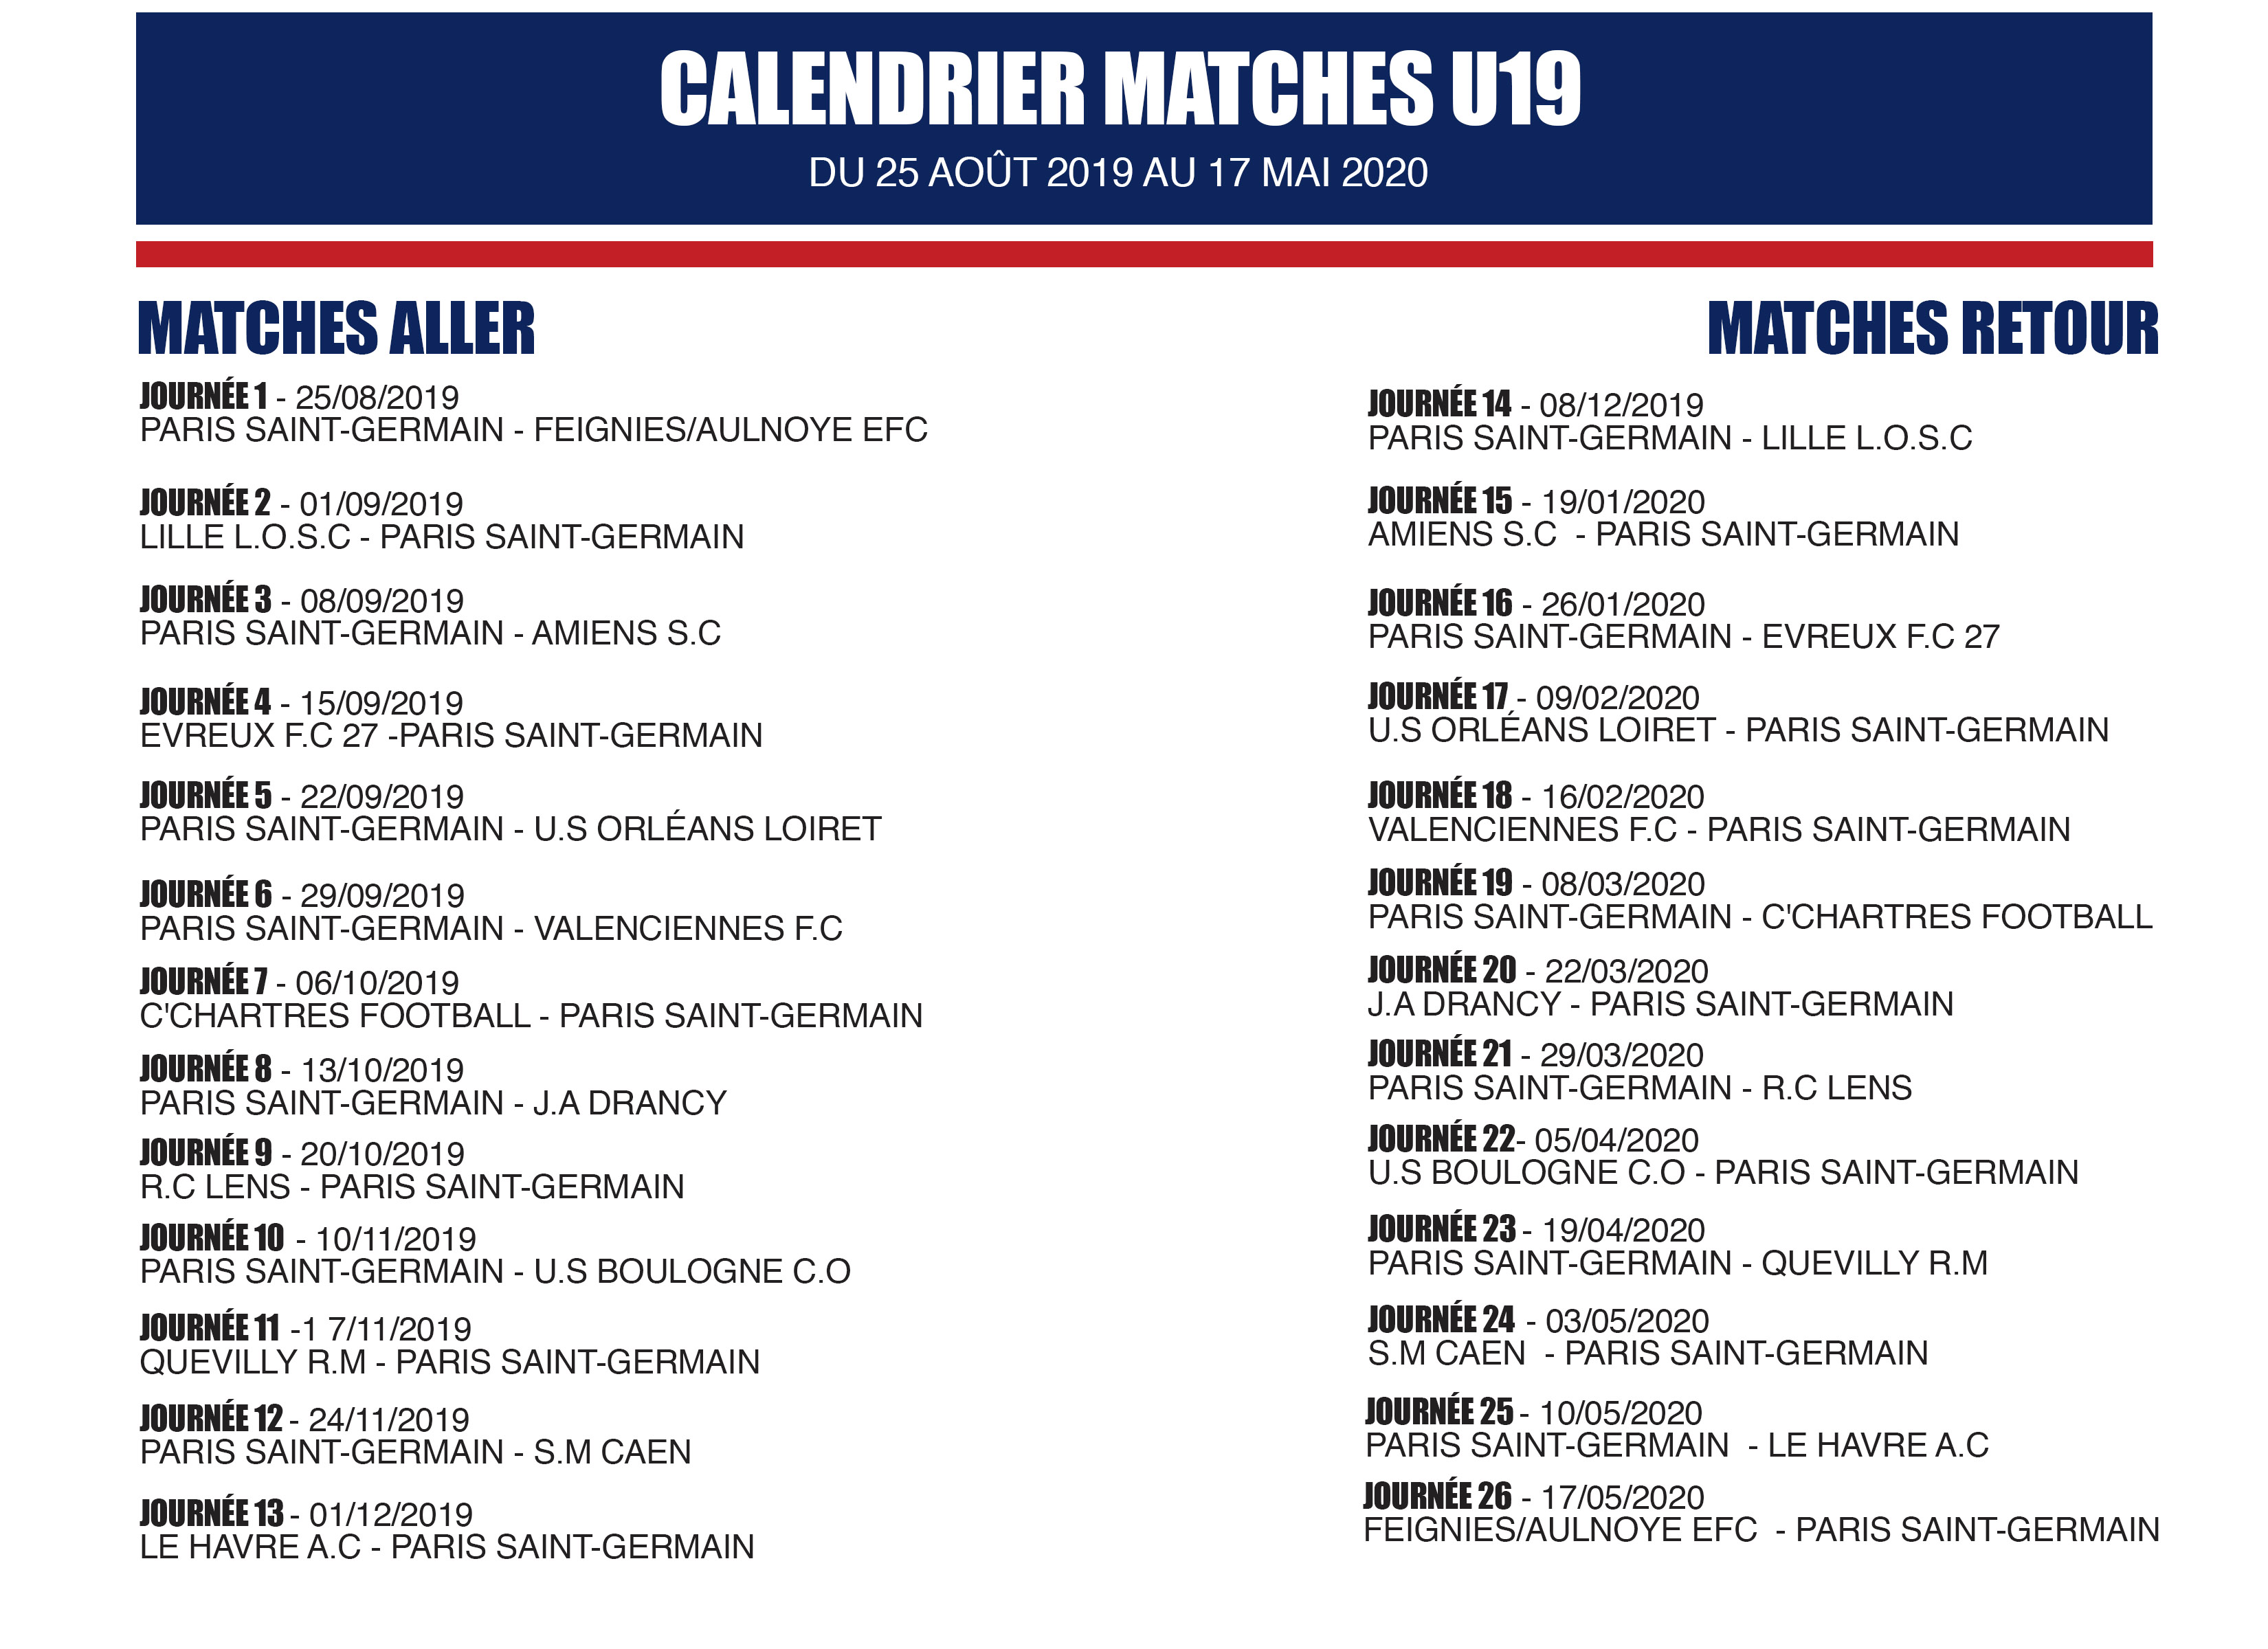 Calendrier Psg 2020.Calendrier Matches U19 Saison 2019 2020 Les Titis Du Psg